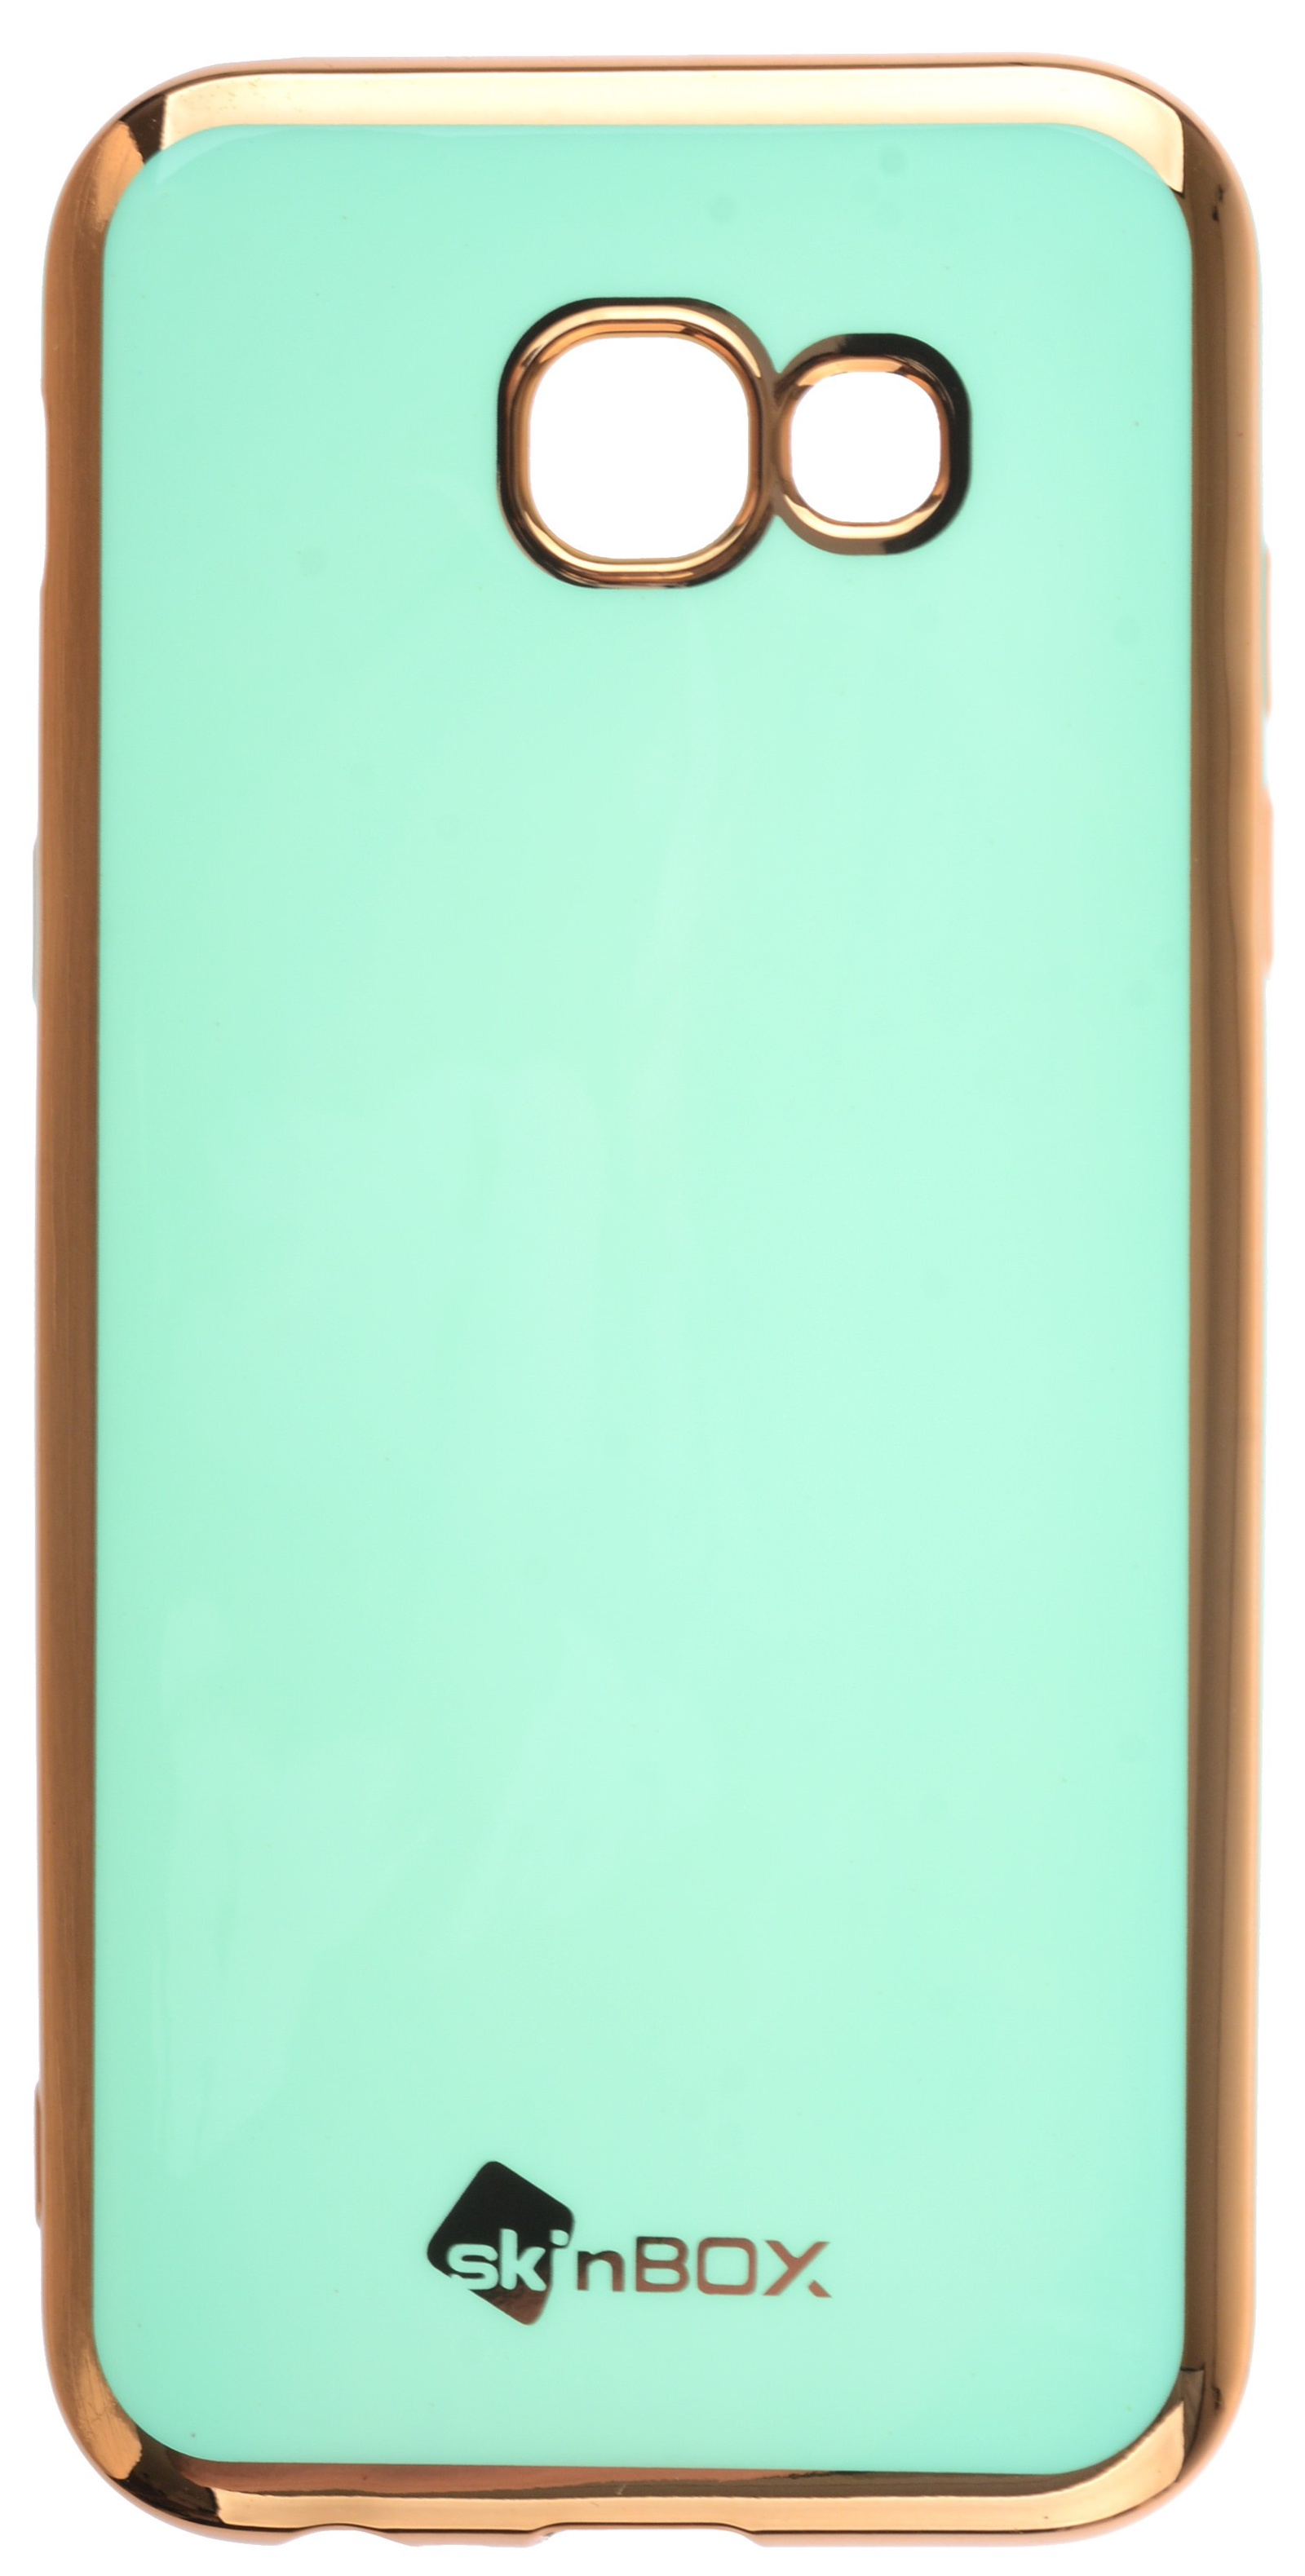 Чехол для сотового телефона skinBOX slim silicone color, 4660041408805, бирюзовый